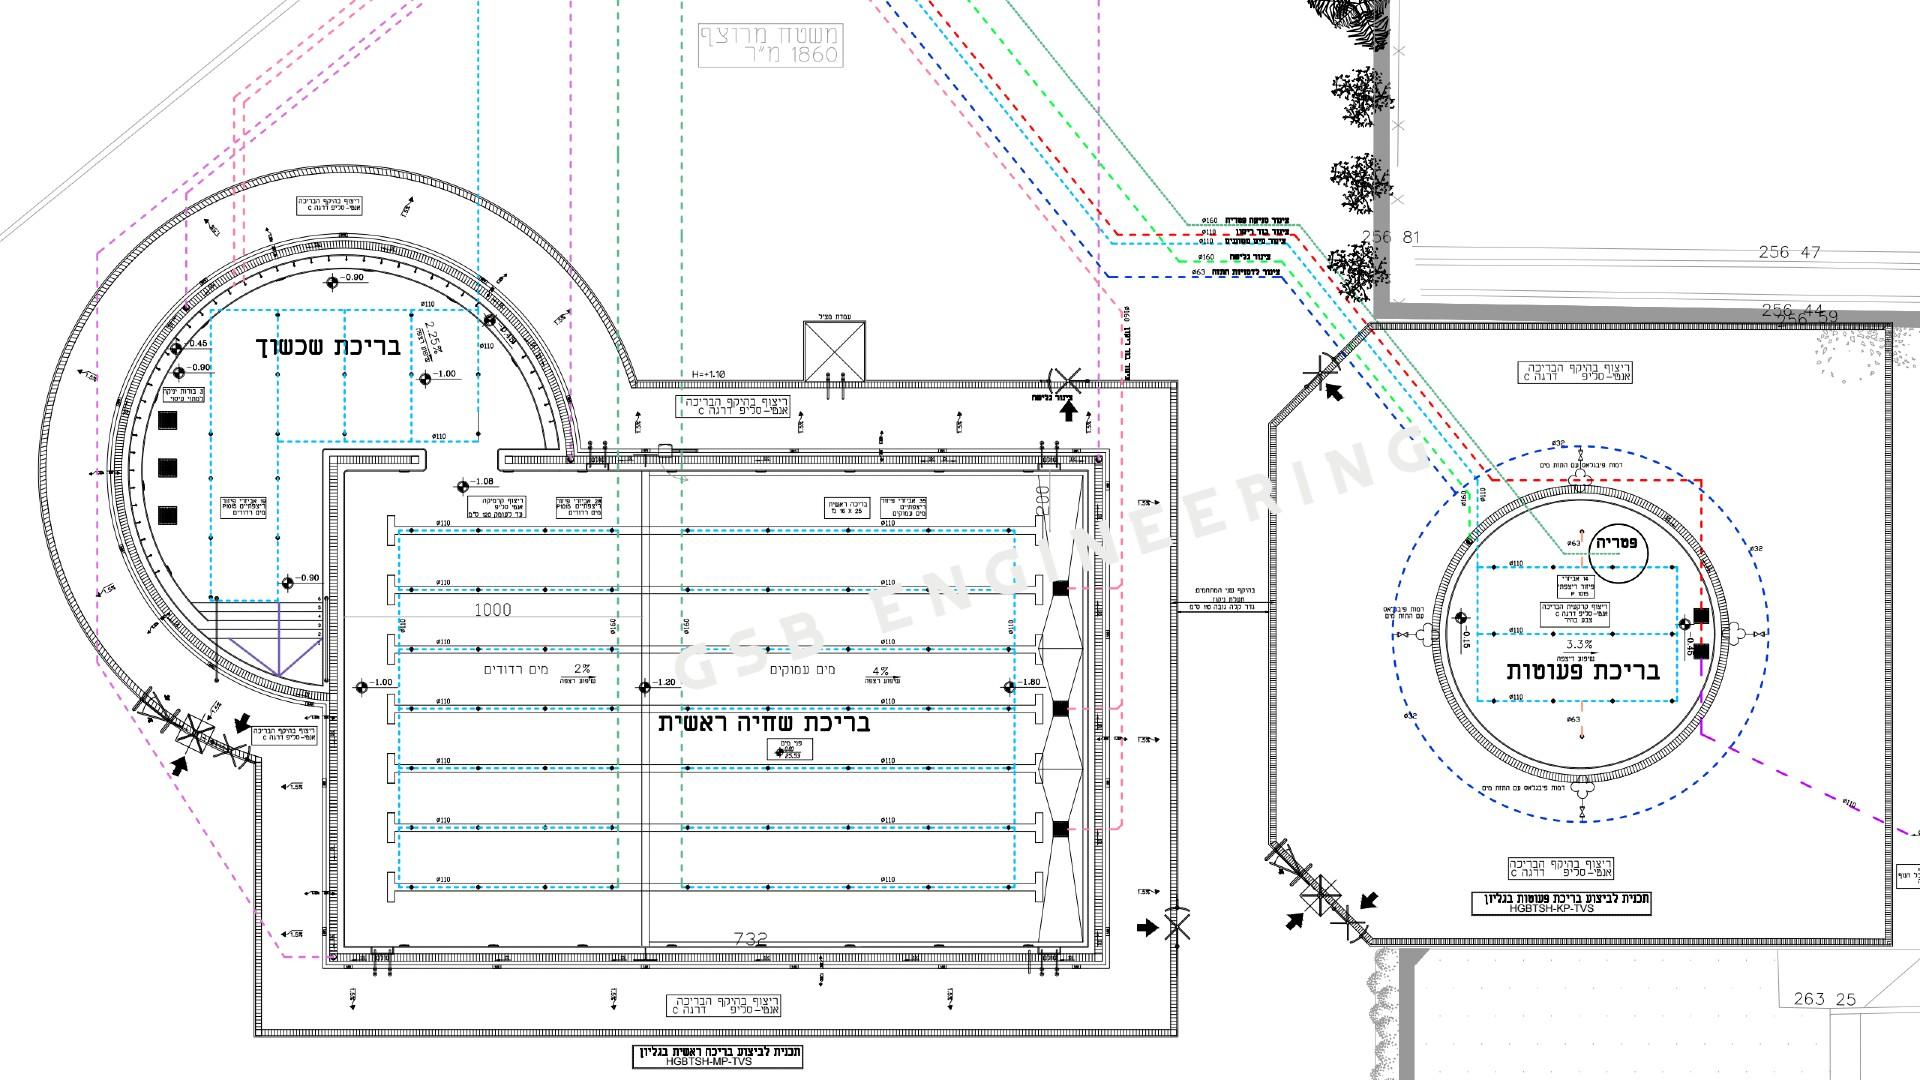 תכנון בריכת שחייה חצי אולימפית חדשה בבית שמש